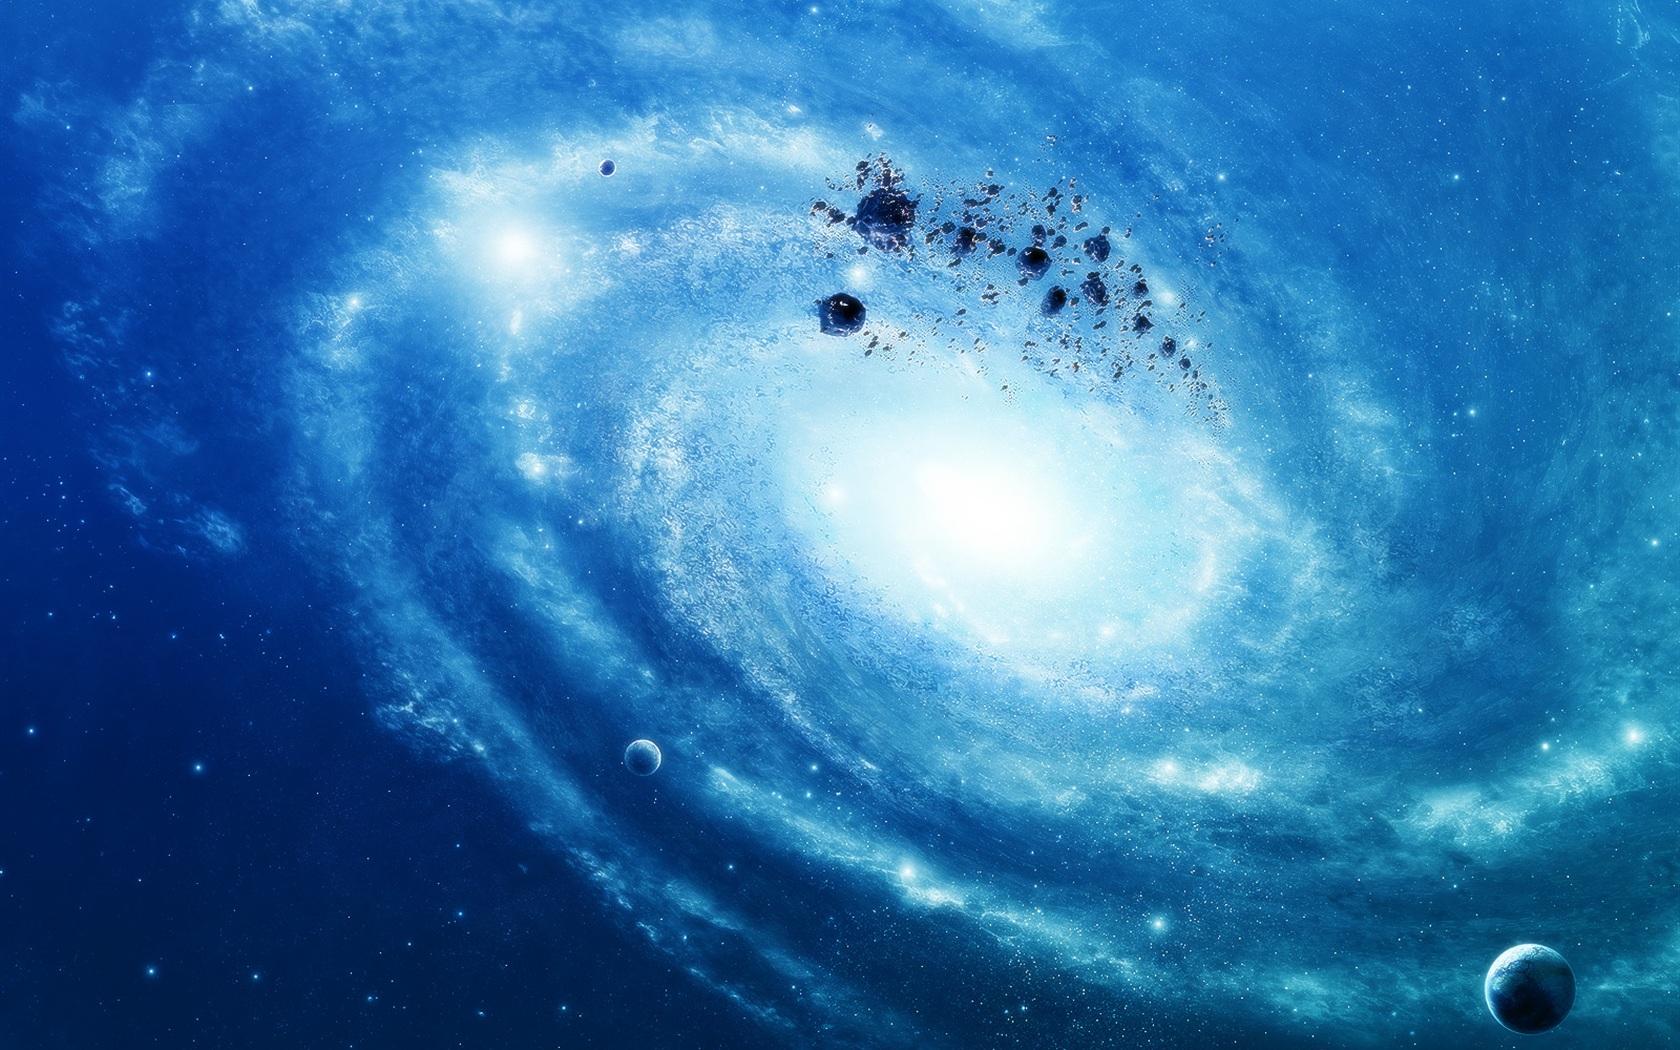 星系银河桌布蓝色-1680x1050杜曼教学法图片